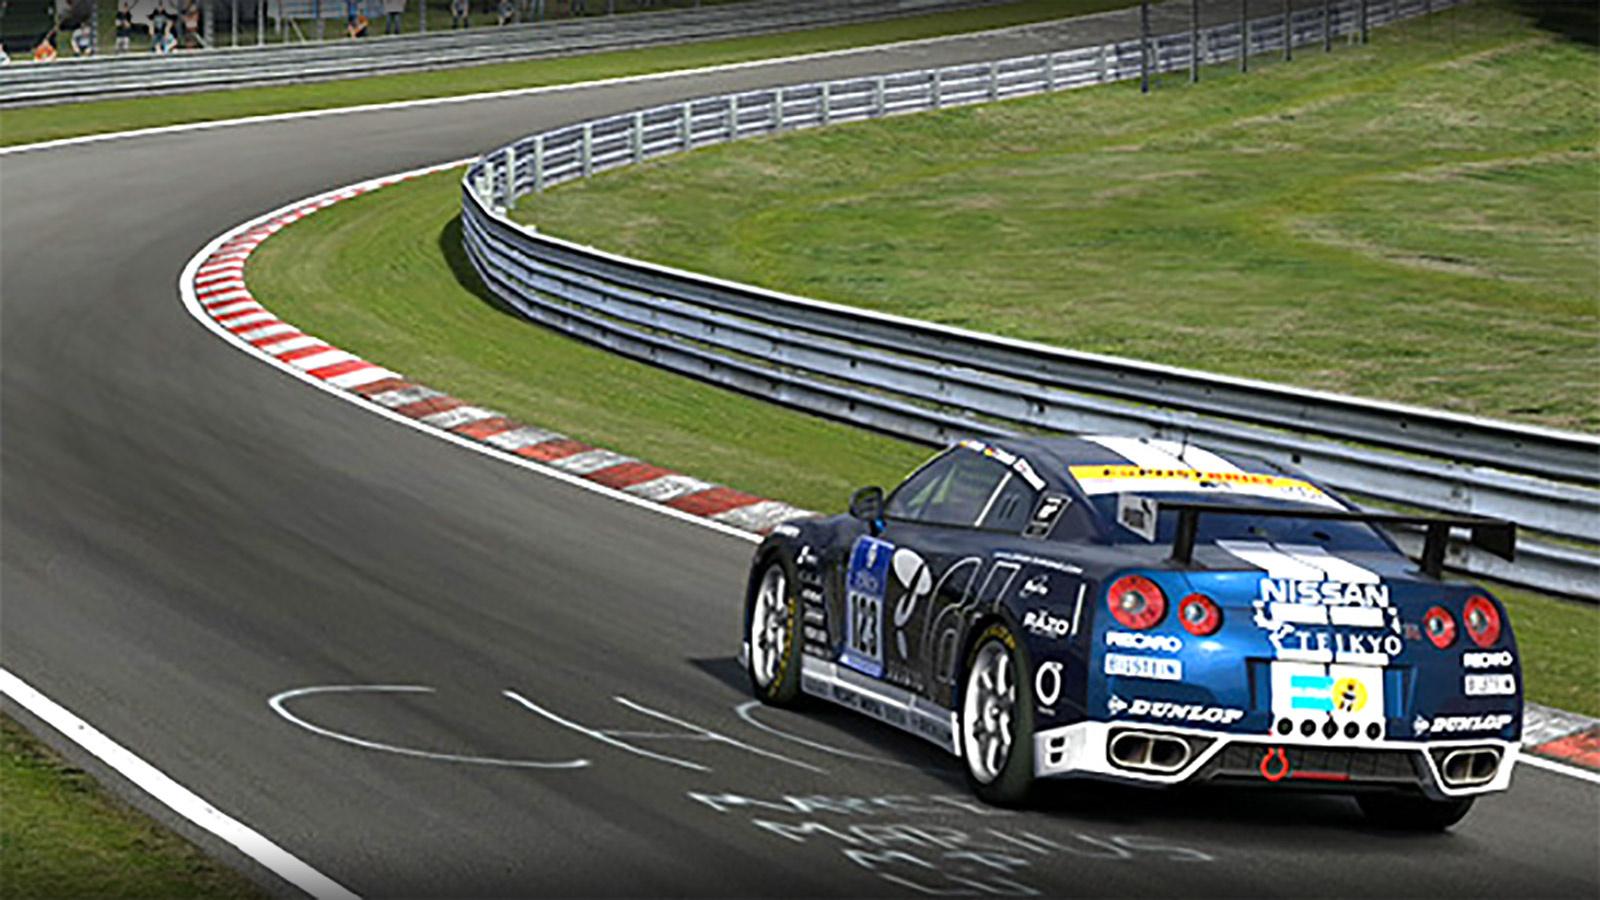 擬真賽車遊戲是玩家的另一種自虐